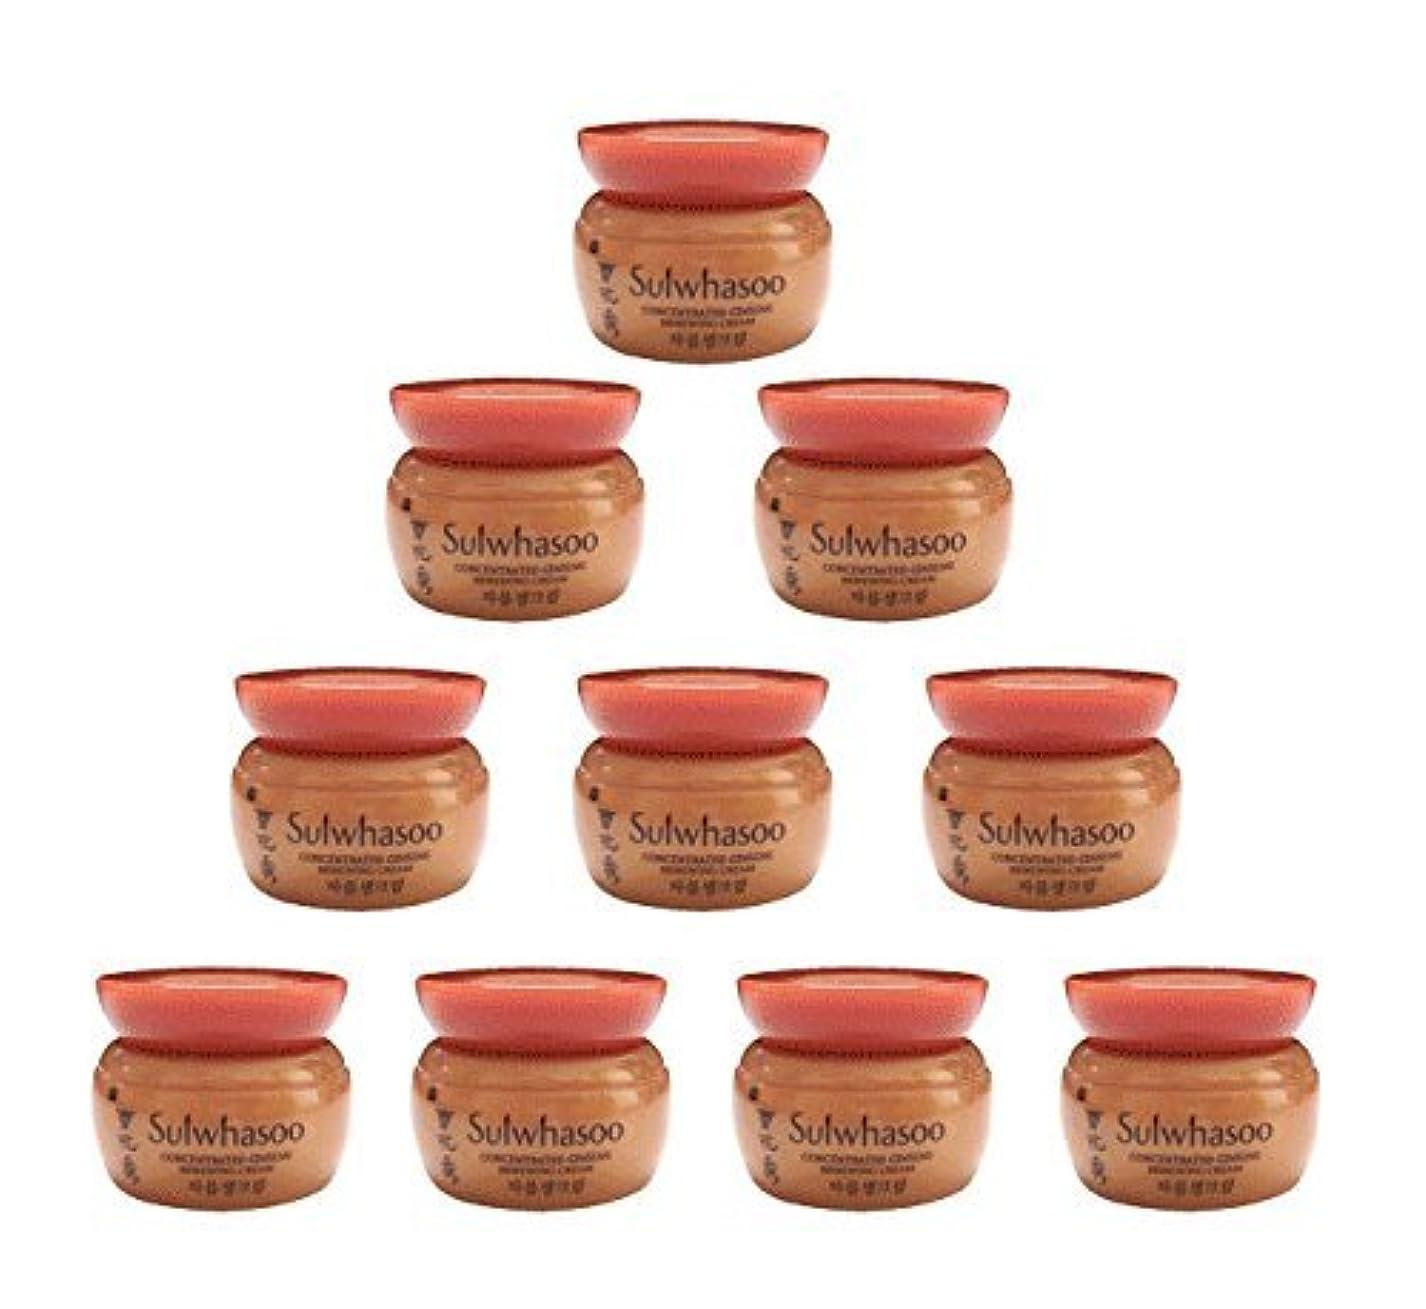 口ひげ敗北農民【ソルファス 雪花秀 Sulwhasoo】 Concentrated Ginseng Renewing Cream(50ml) 5ml x 10個 韓国化粧品 ブランドのサンプル [並行輸入品]